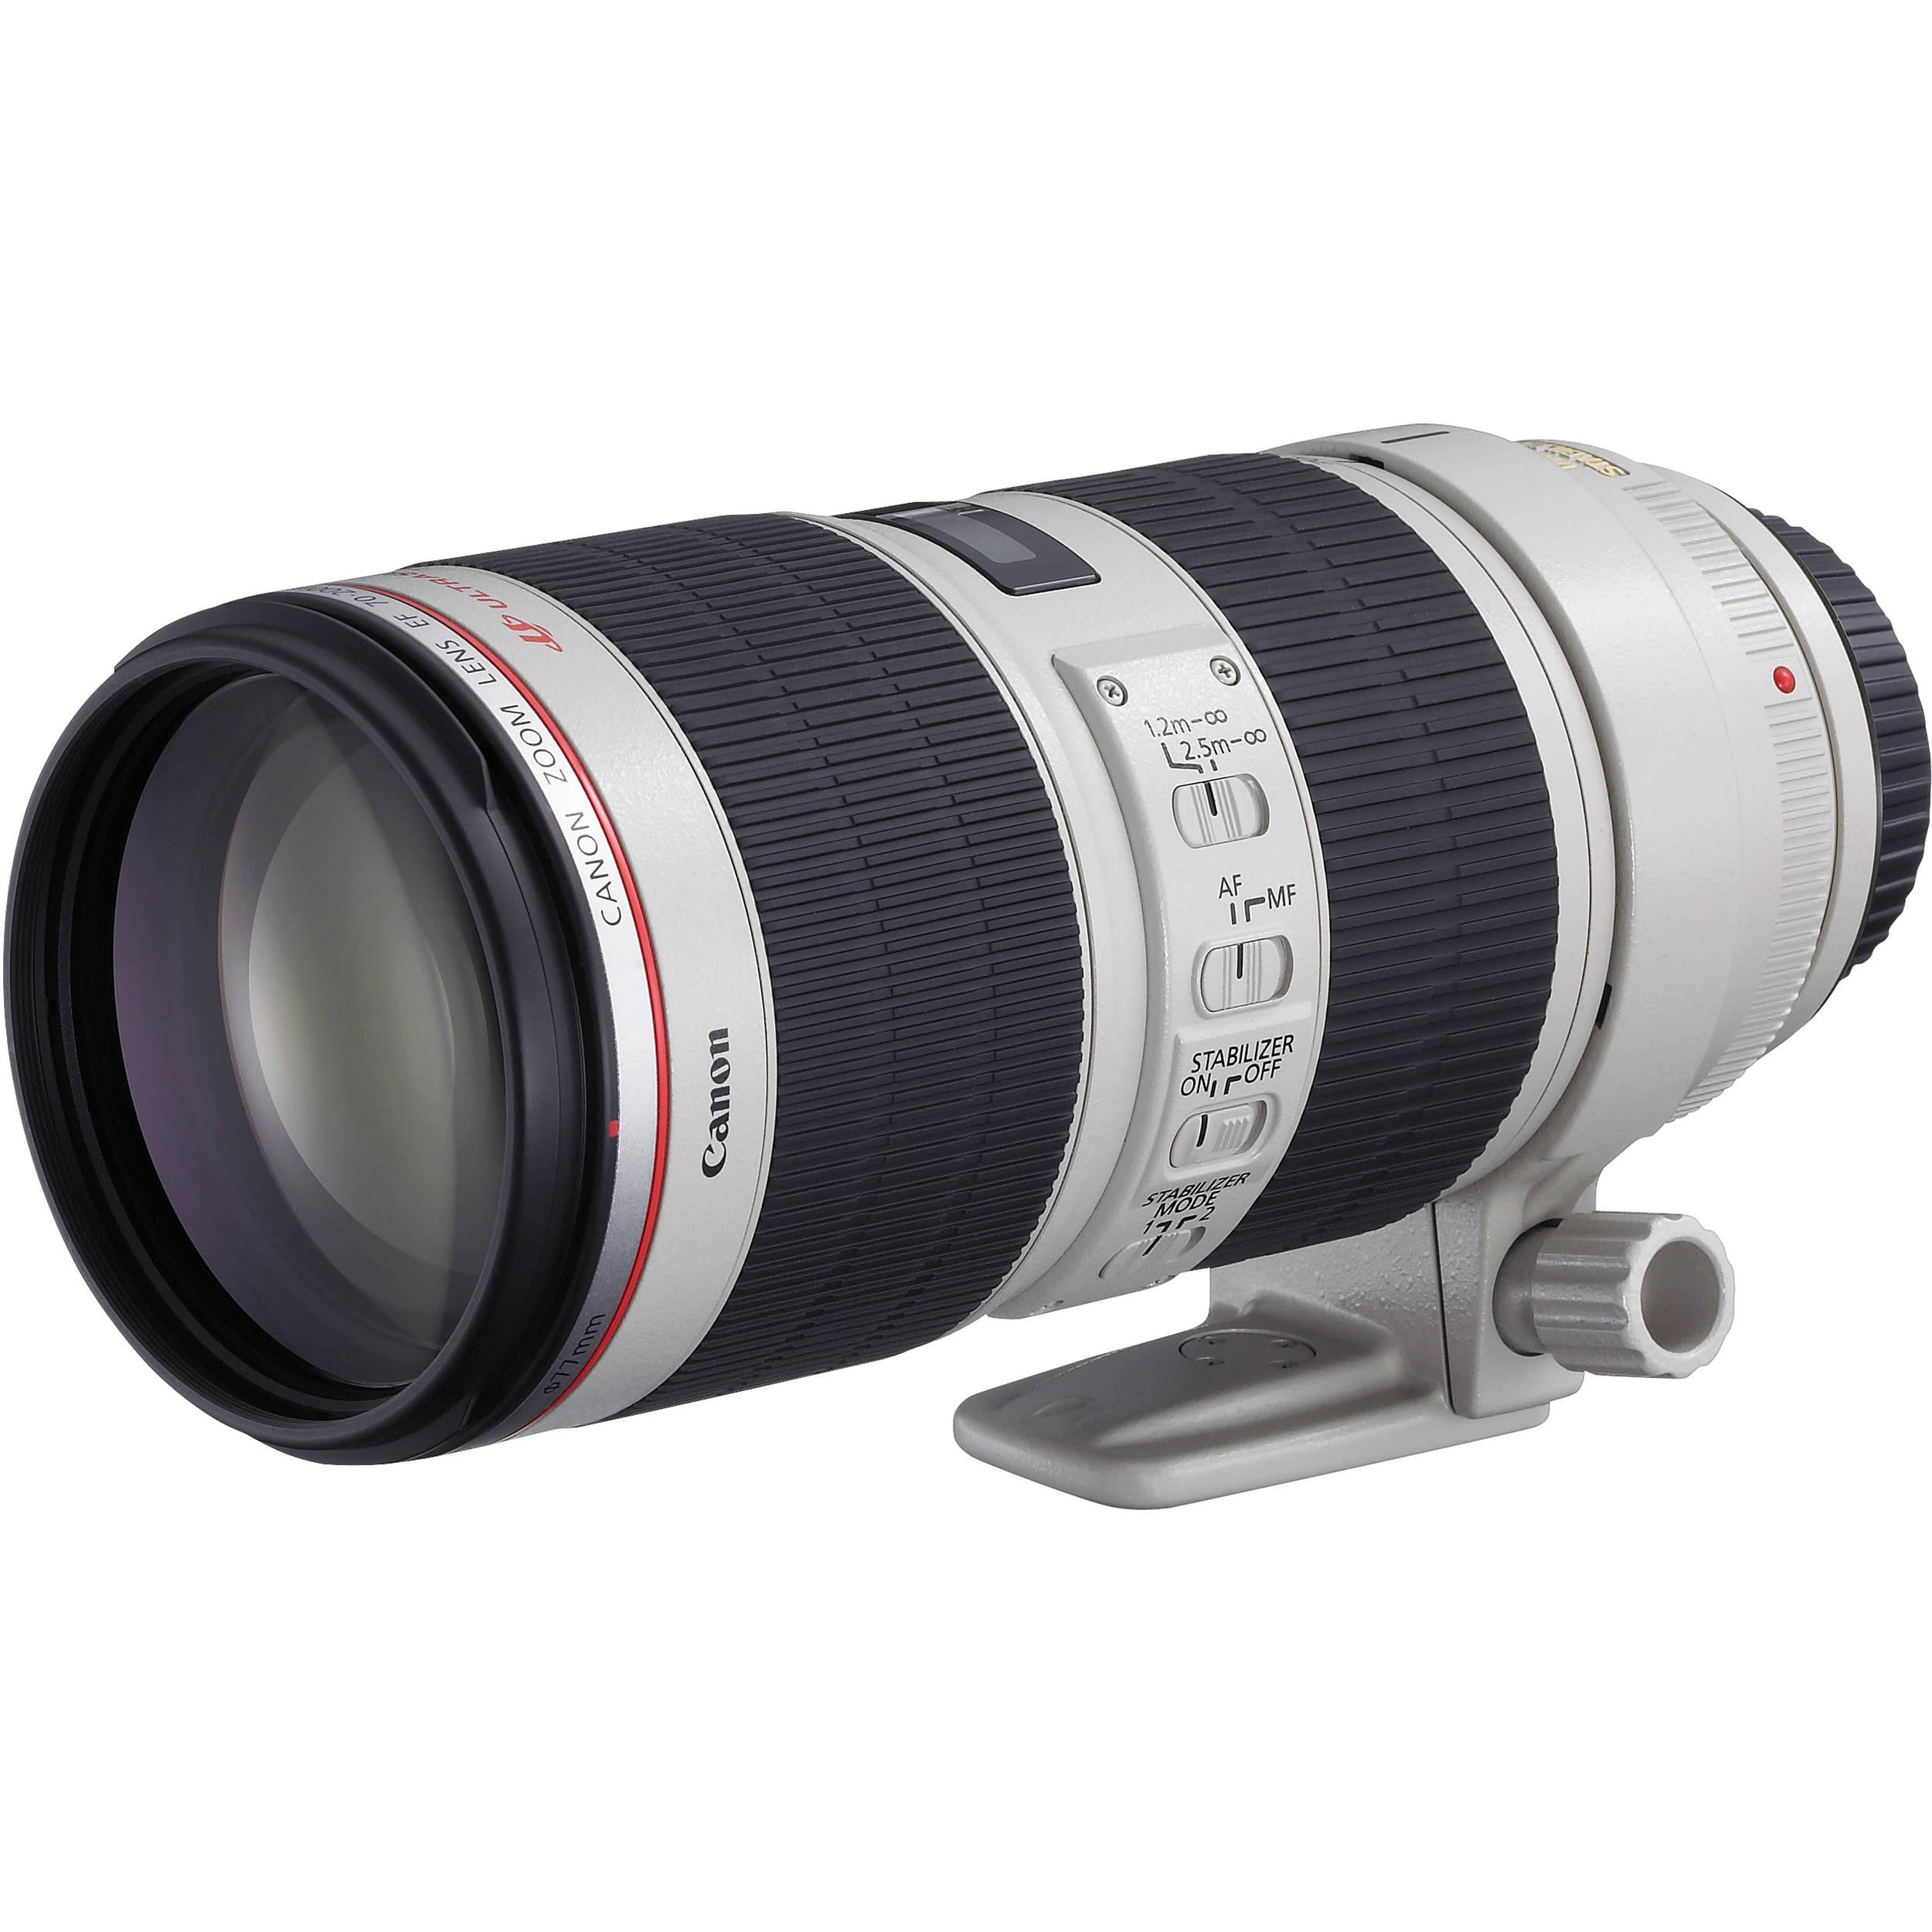 canon ef 70 200mm f 2 8l is ii usm telephoto zoom lens 2751b002. Black Bedroom Furniture Sets. Home Design Ideas